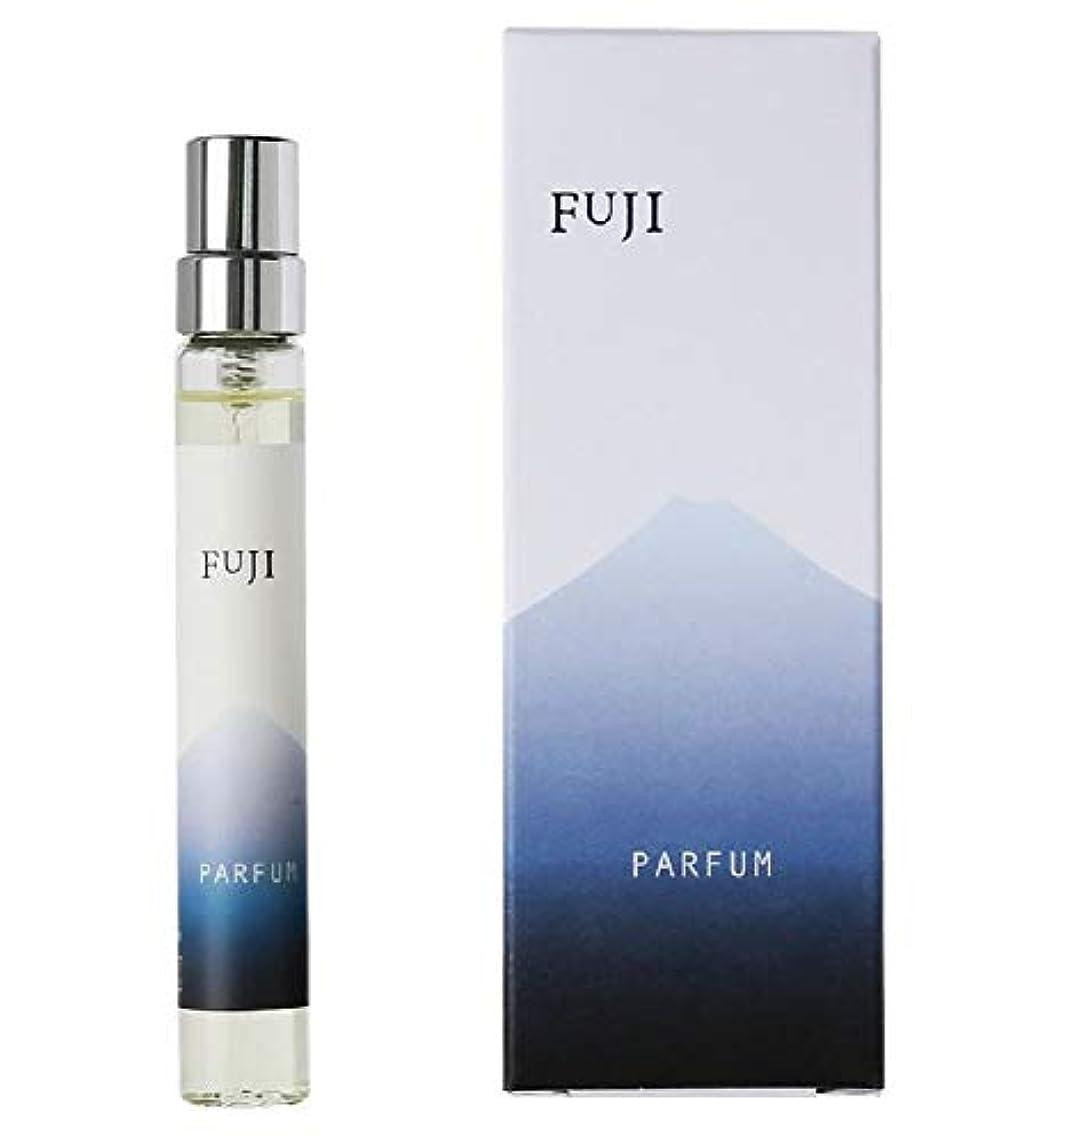 昆虫を見るじゃないゴミ箱を空にするパルファム フジ fuji 香水「PARFUM FUJI(パルファム?フジ)」